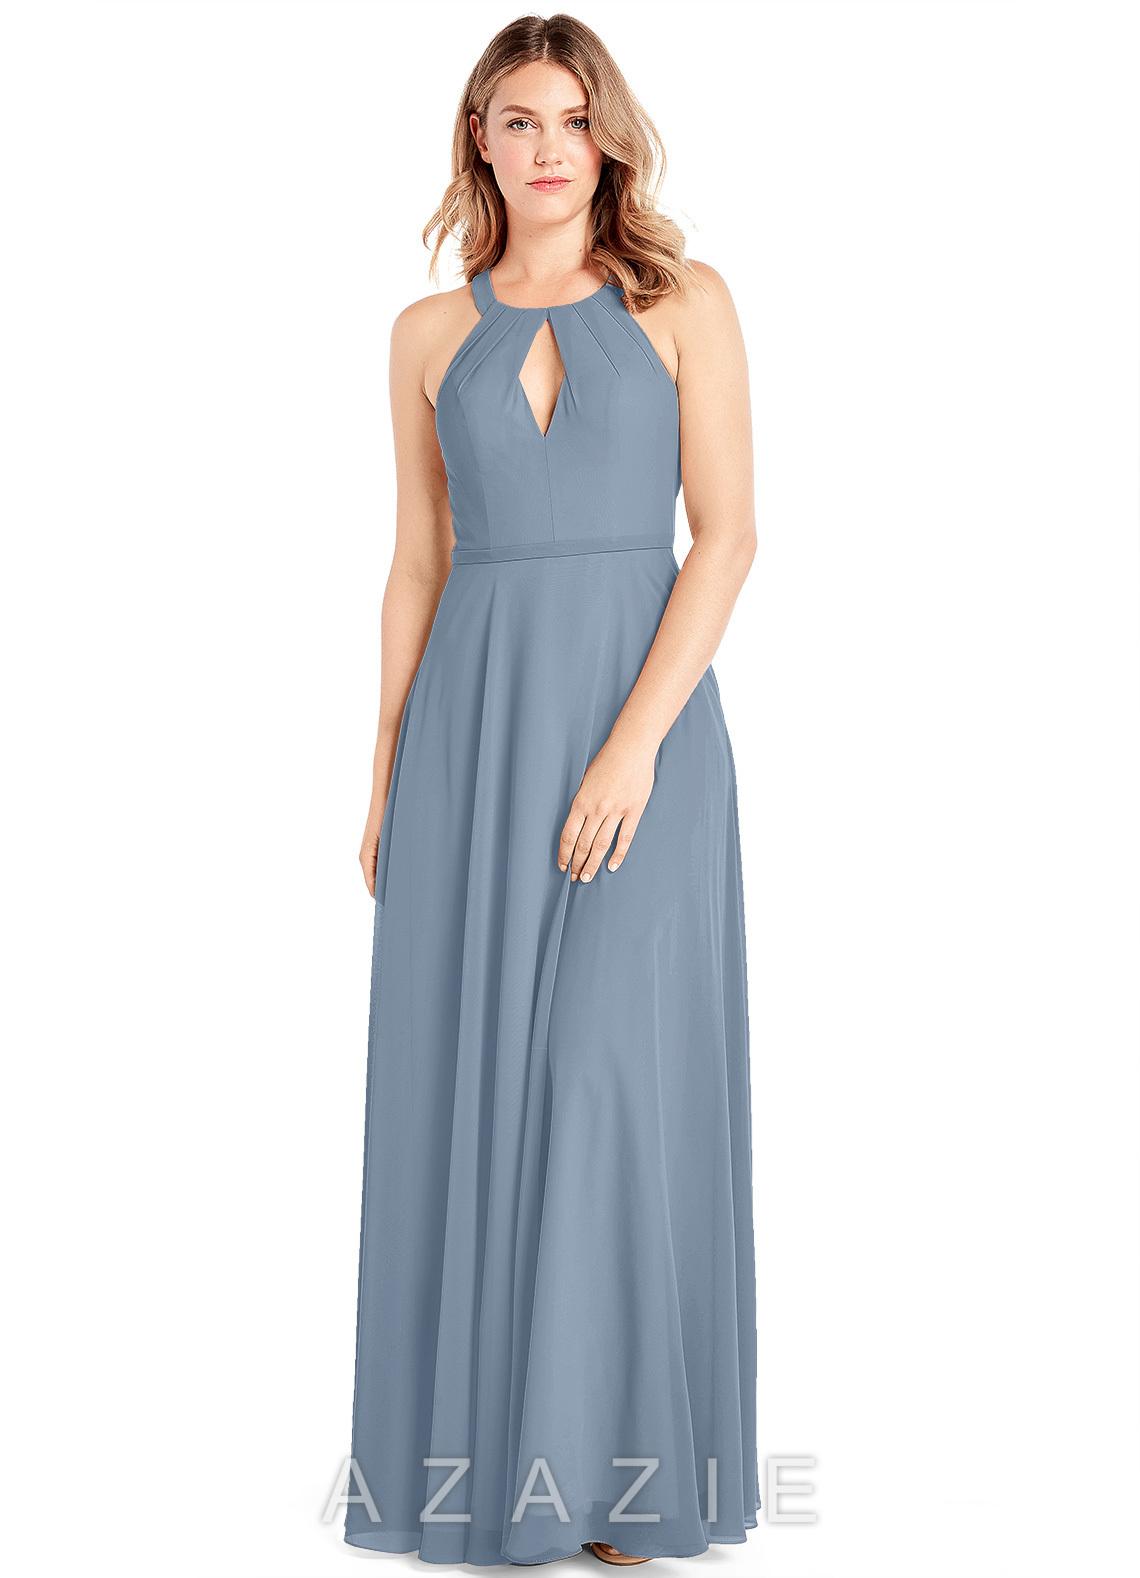 f87d3c3fbc Azazie Colette Bridesmaid Dress